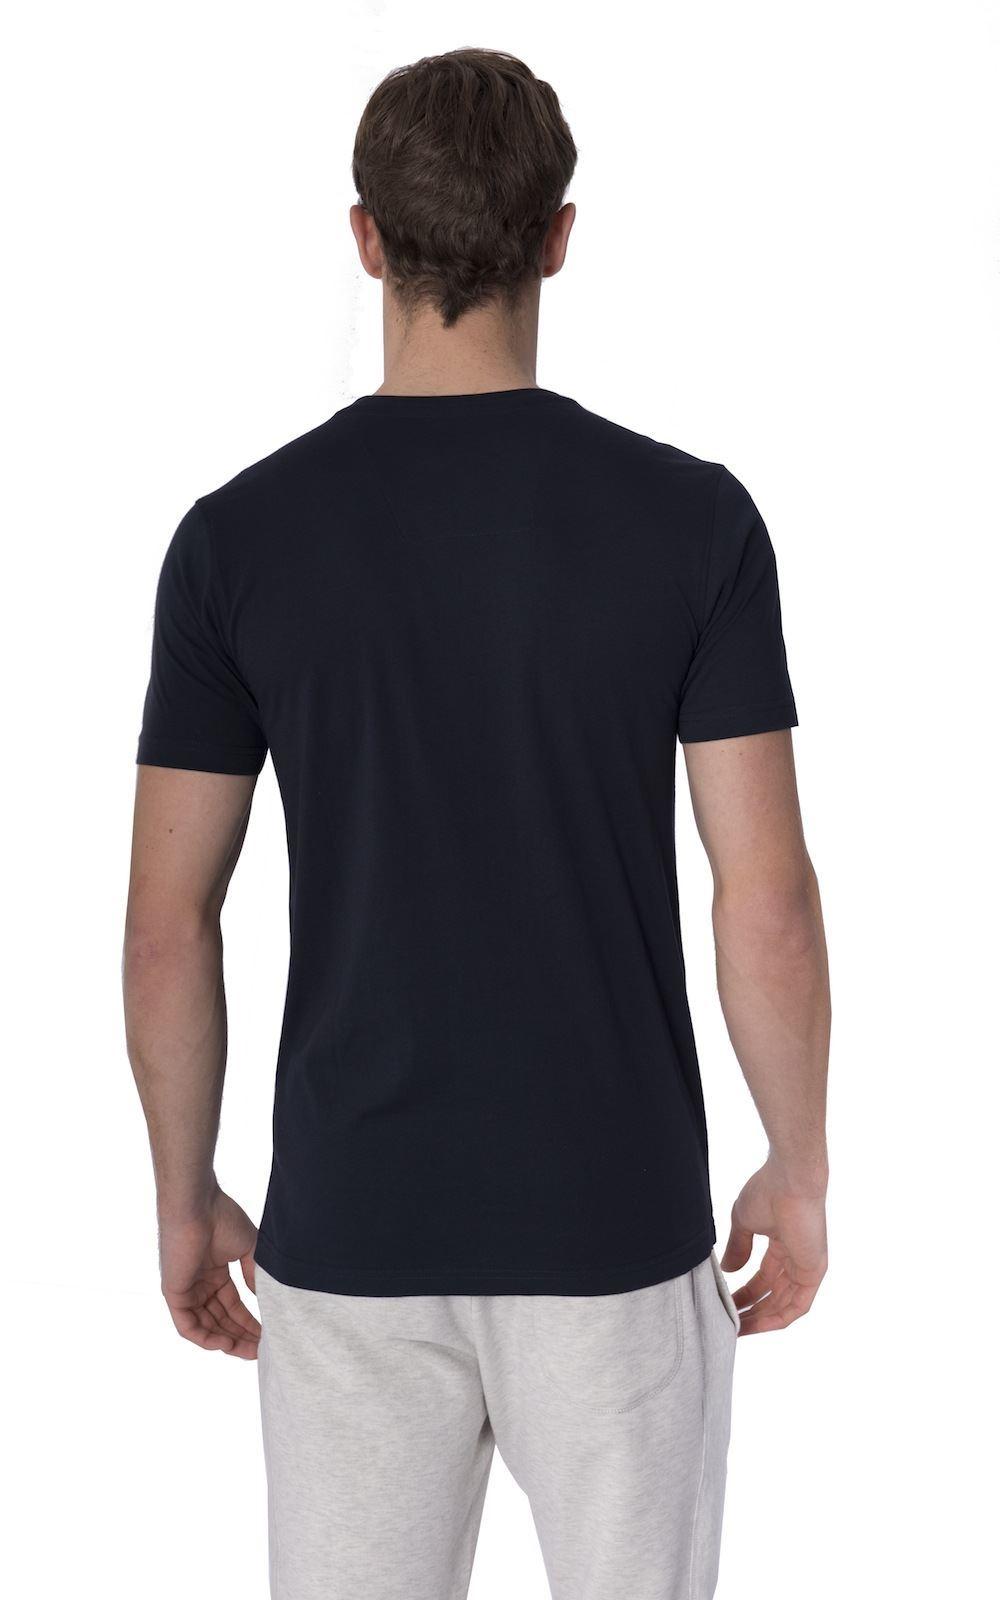 Santa-Monica-NUEVO-Watson-Grande-Hombre-Talla-Jersey-Cuello-Redondo-Camiseta-Top